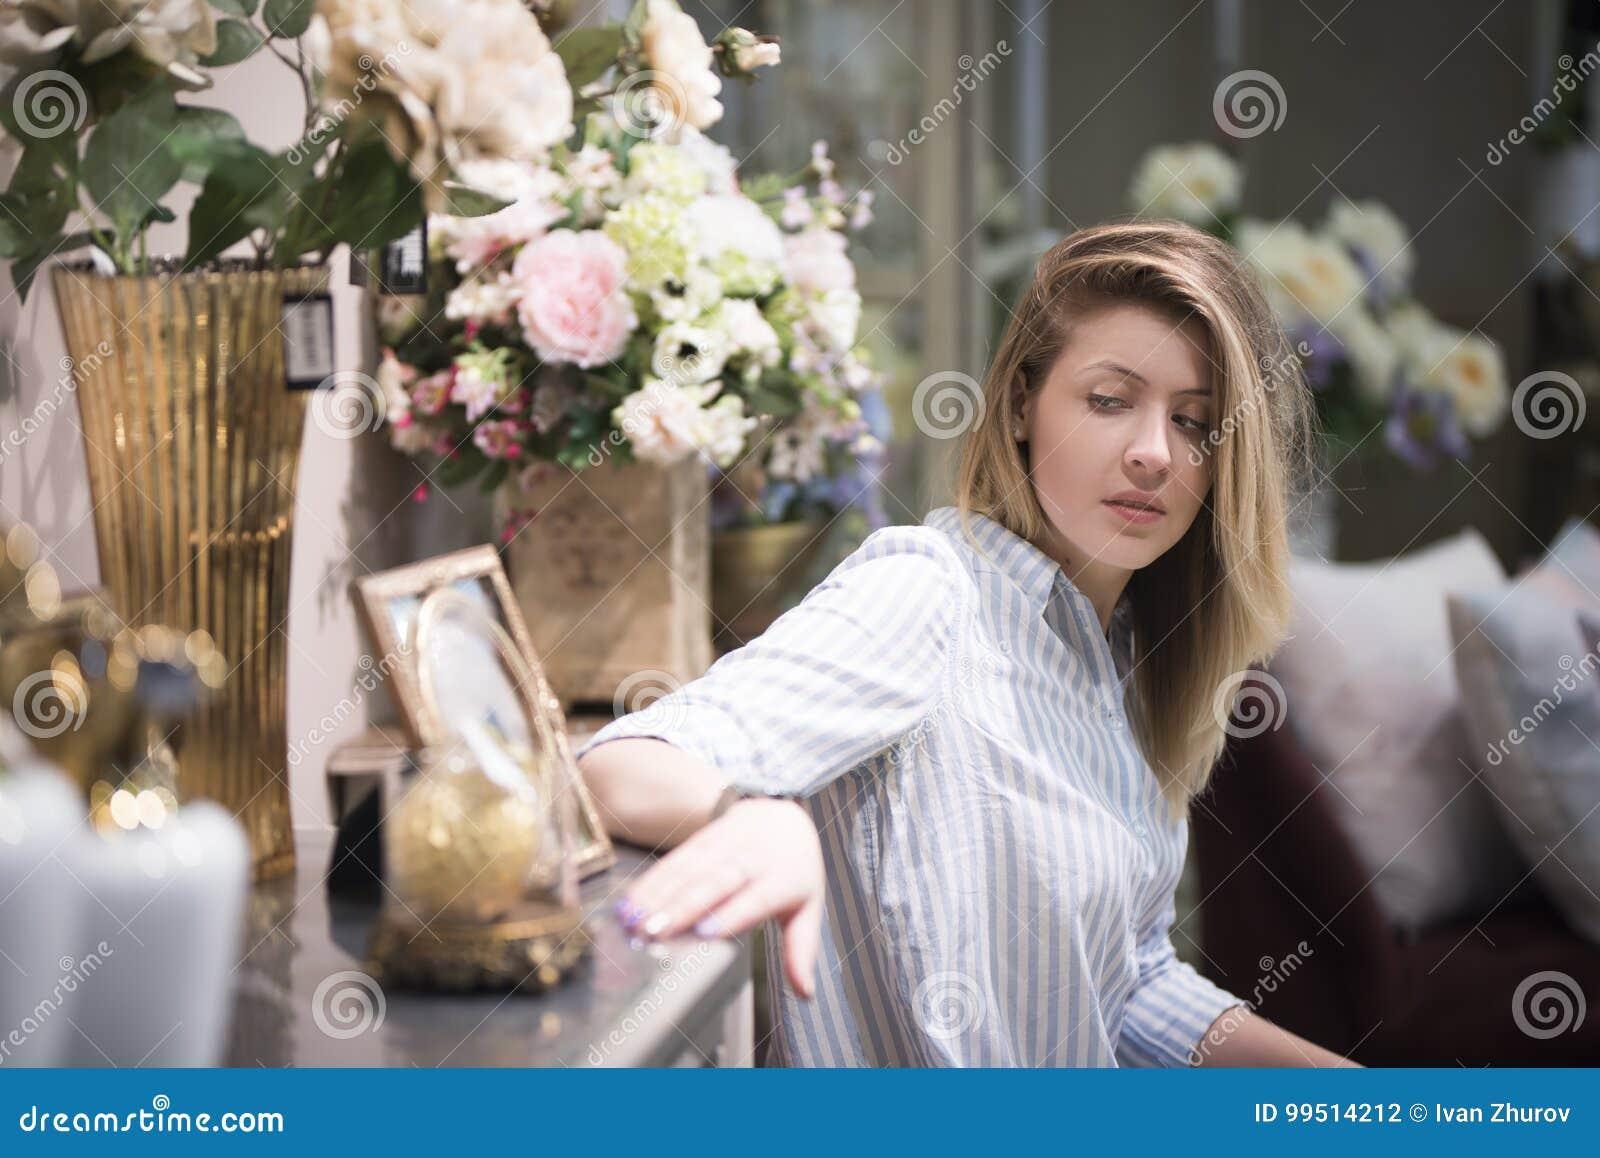 Muchacha Hermosa Entre Las Flores Tristes Mirando La Foto En El ...